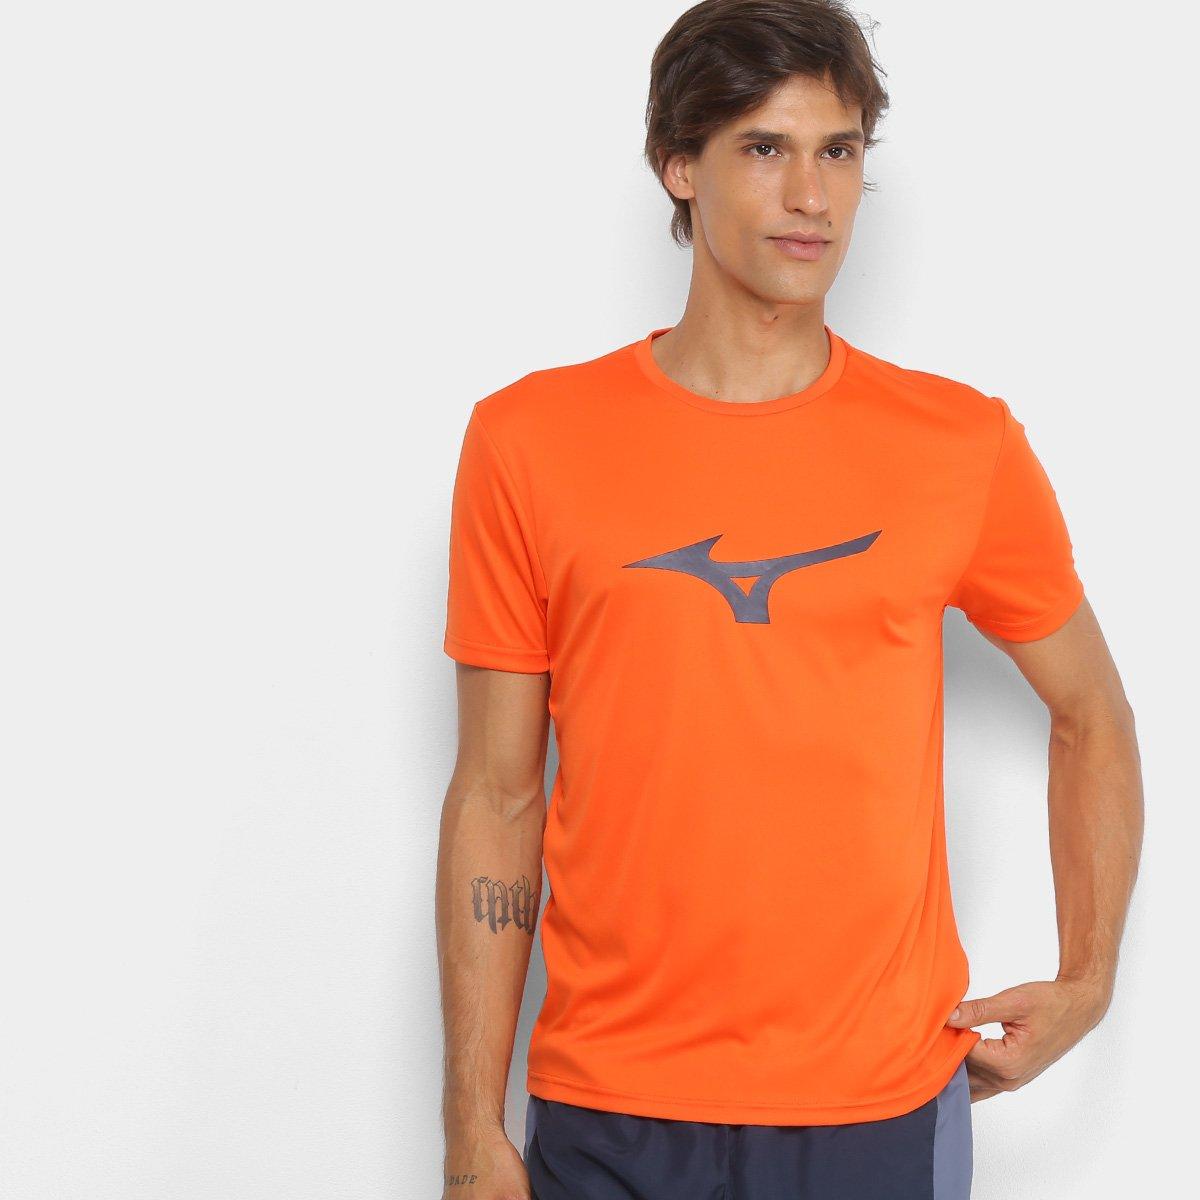 Camiseta Mizuno Run Spark Masculina - Laranja e Cinza - Compre Agora ... a204d4b284a